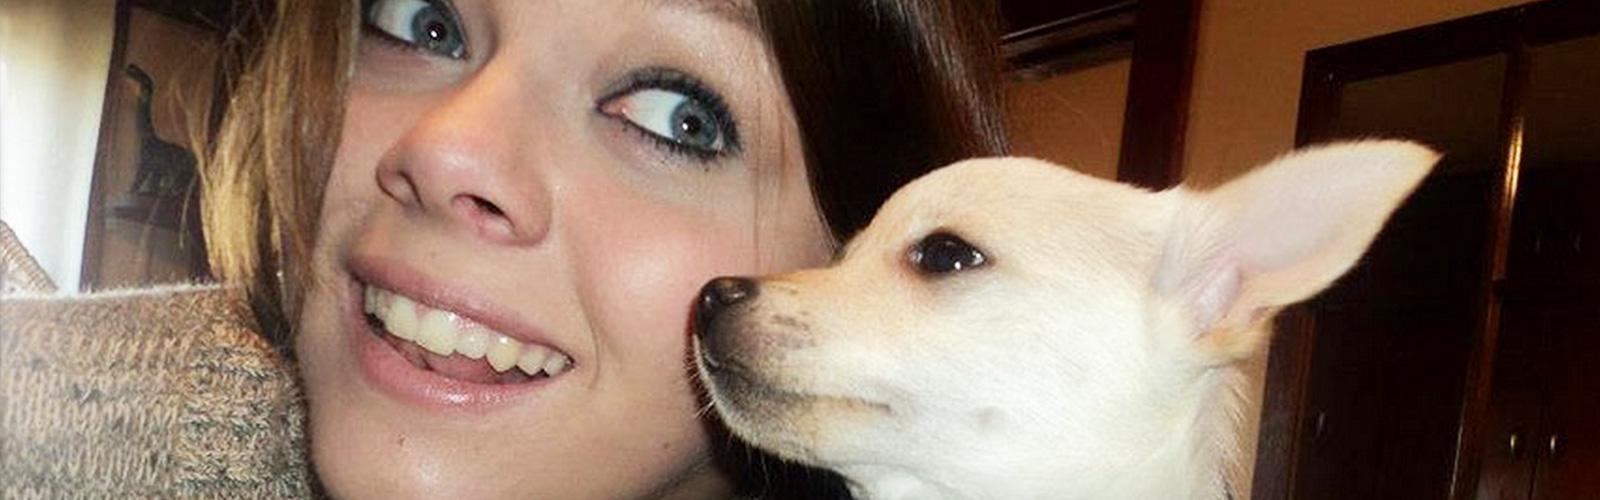 pet adoption in chicago